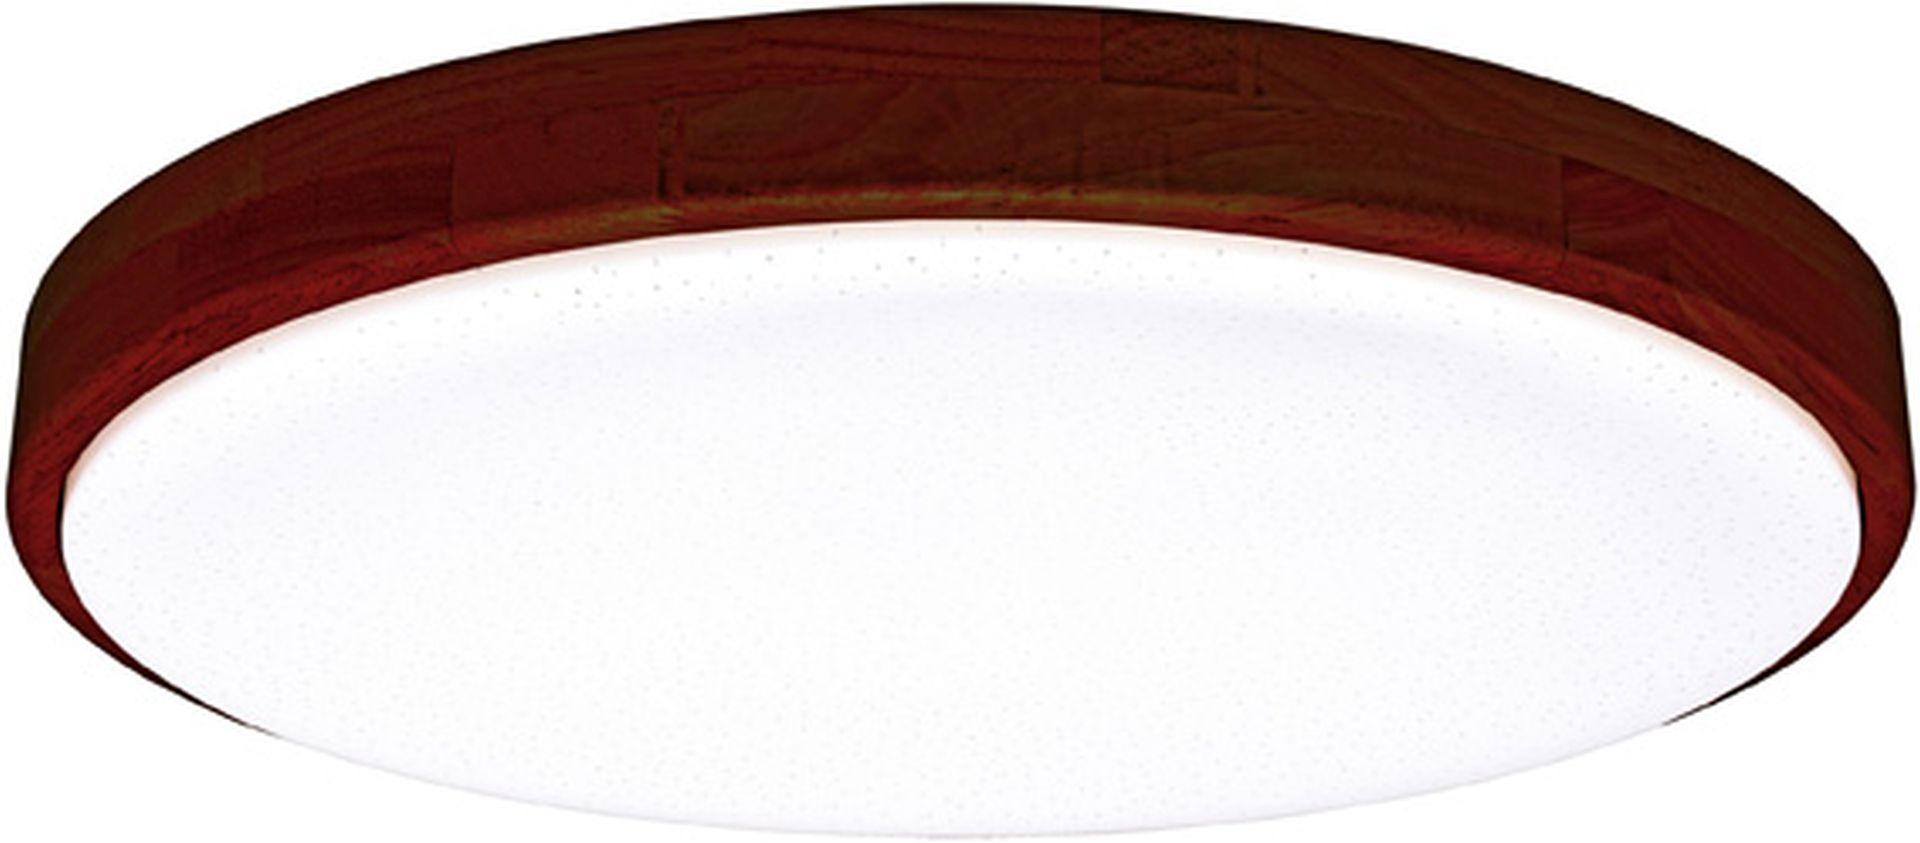 Ecolite LED stropné svietidlo 24W s tmavým dreveným rámčekom WLD400-24W/LED/TD